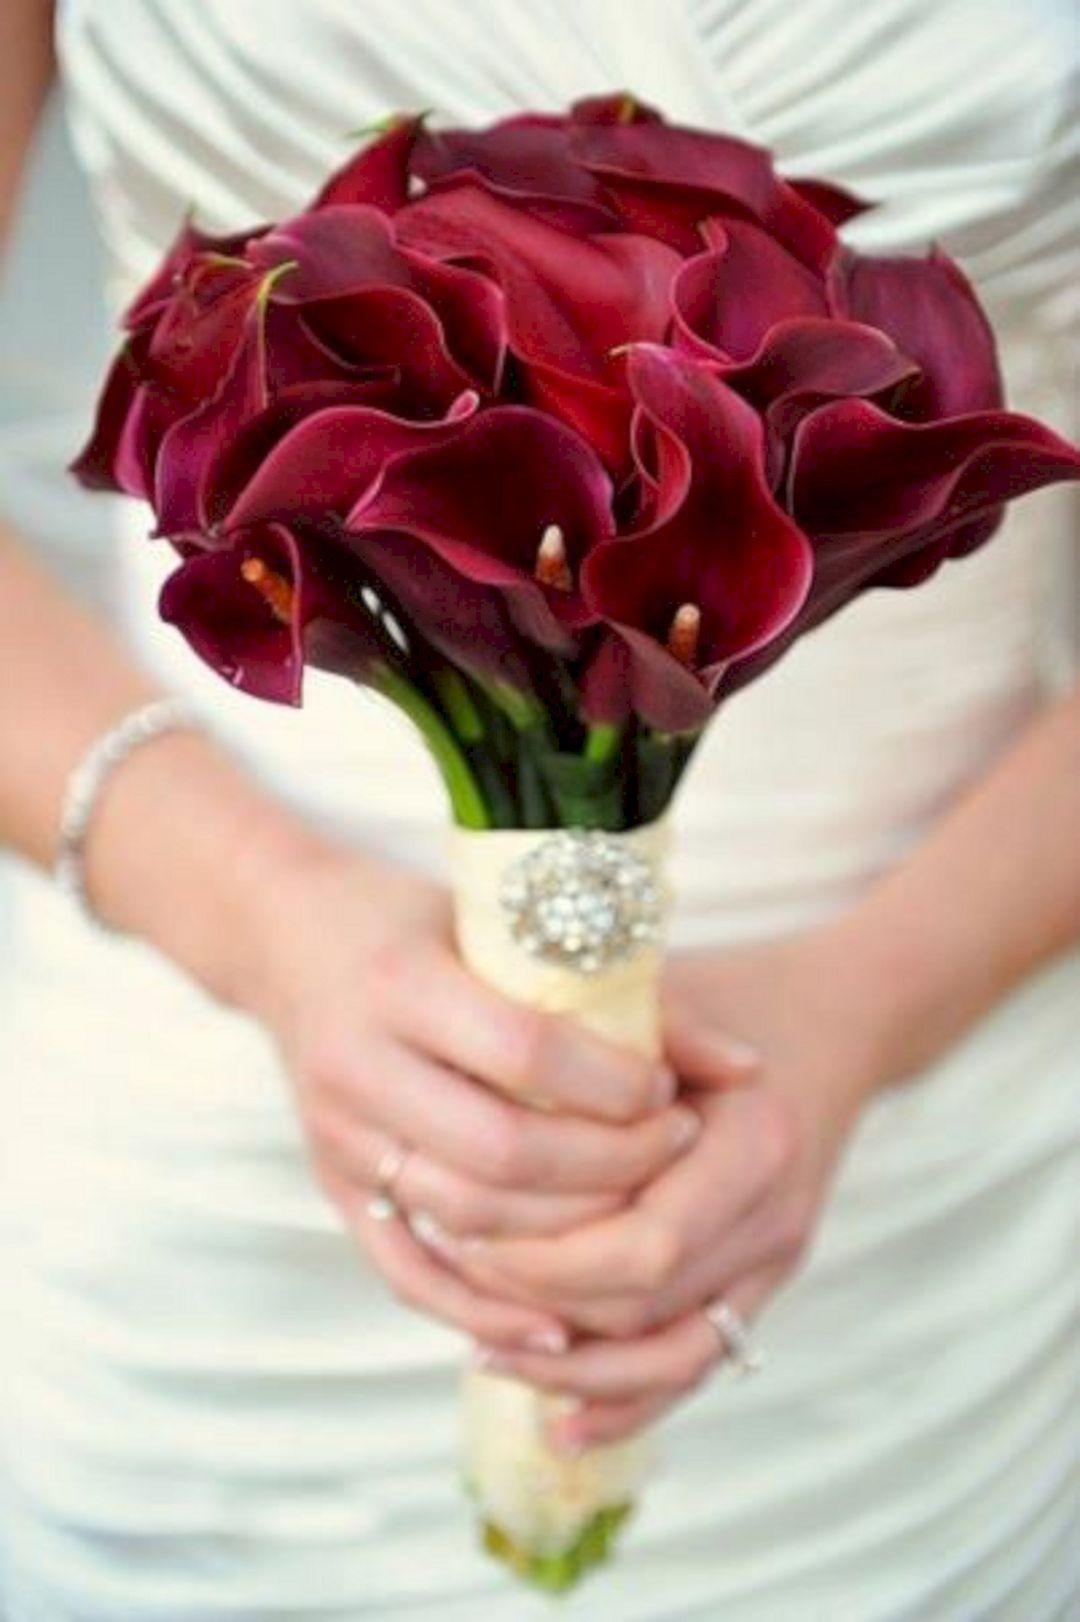 Burgundy Calla Lily Wedding Bouquet Ideas 15 Lily Bouquet Wedding Calla Lily Bouquet Wedding Calla Lily Wedding